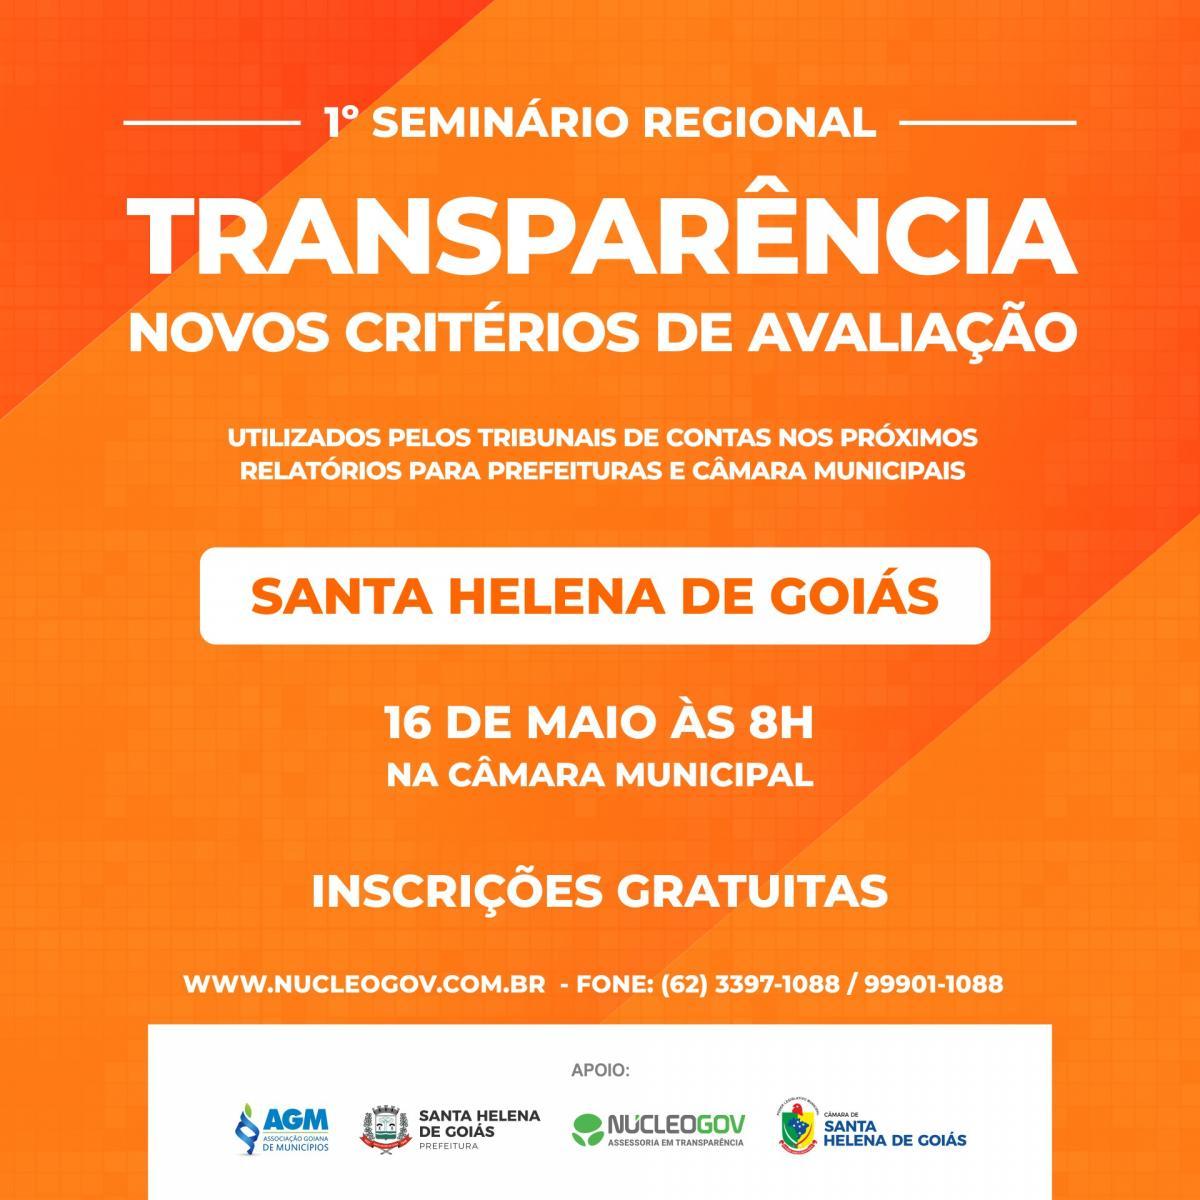 1º Seminário Regional sobre os Novos Critérios de Avaliação de Transparência, inscrições abertas!